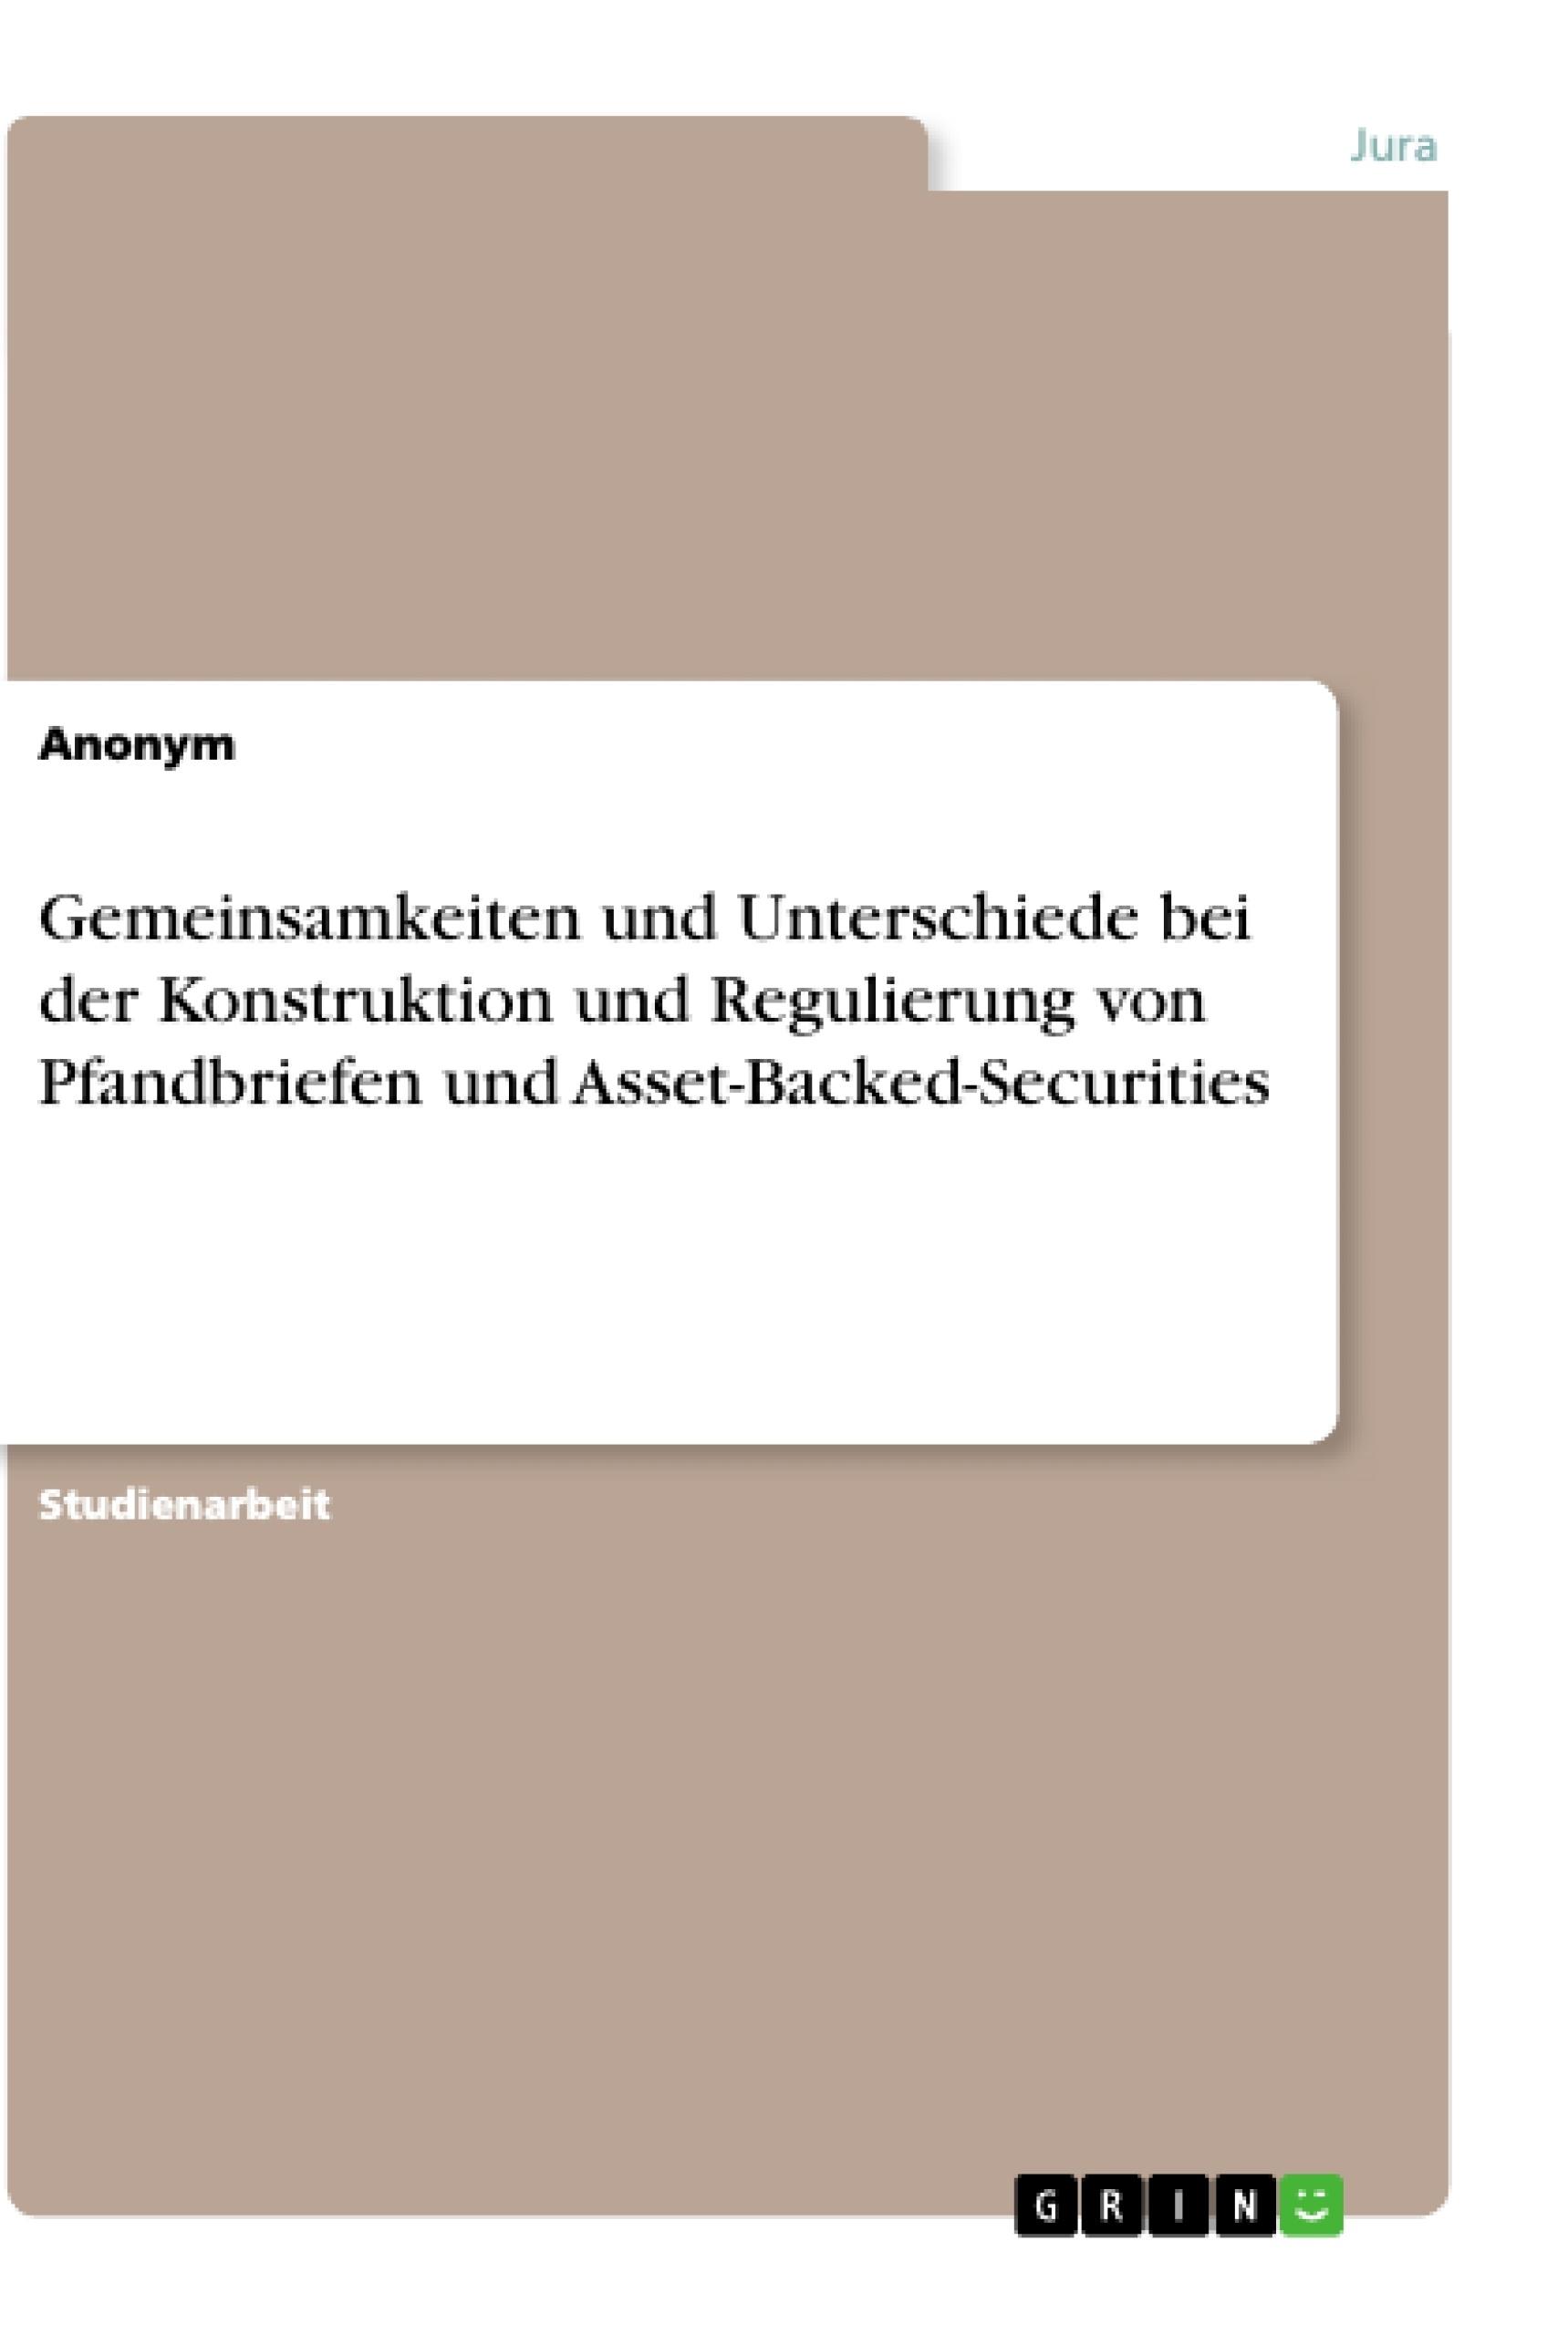 Titel: Gemeinsamkeiten und Unterschiede bei der Konstruktion und Regulierung von Pfandbriefen und Asset-Backed-Securities